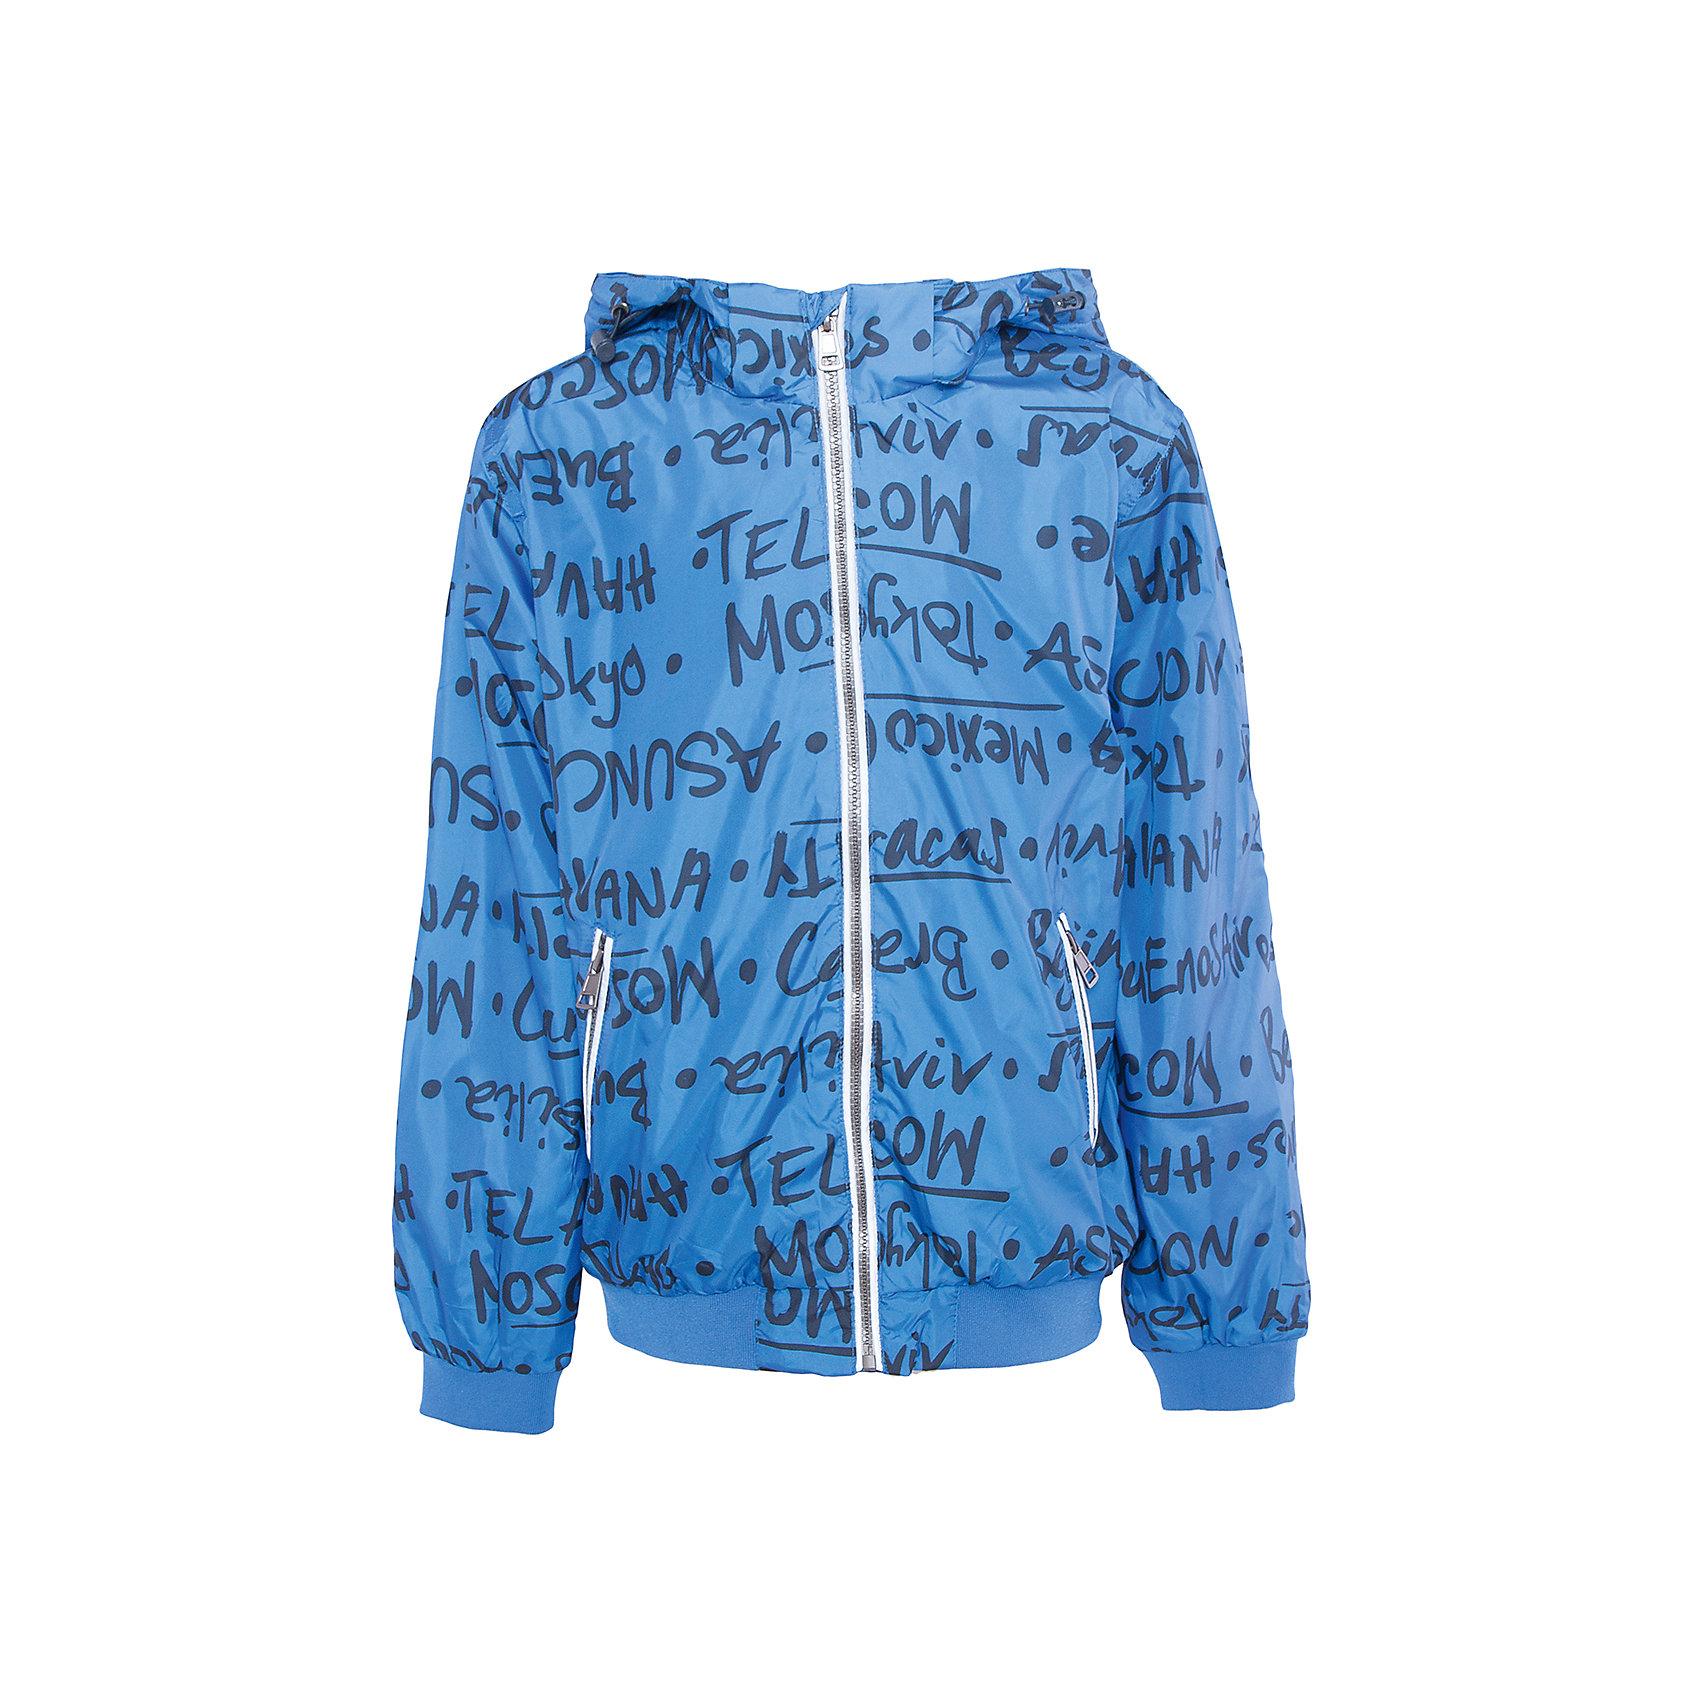 Куртка для мальчика SELAХарактеристики товара:<br><br>• цвет: синий<br>• состав: 100% полиэстер; подкладка: 100% хлопок; отделка: 65% хлопок, 30% полиэстер, 5% эластан; подкладка рукава: 100% полиэстер<br>• температурный режим: от +10°до +20°С<br>• водоотталкивающий материал<br>• сезон: весна-лето<br>• воротник-стойка<br>• молния<br>• принт<br>• эластичные манжеты и низ<br>• капюшон отстёгивается<br>• два кармана на молнии<br>• коллекция весна-лето 2017<br>• страна бренда: Российская Федерация<br><br>Вещи из новой коллекции SELA продолжают радовать удобством! Легкая куртка для мальчика поможет разнообразить гардероб ребенка и обеспечить комфорт. Она отлично сочетается с джинсами и брюками. Очень стильно смотрится!<br><br>Одежда, обувь и аксессуары от российского бренда SELA не зря пользуются большой популярностью у детей и взрослых! Модели этой марки - стильные и удобные, цена при этом неизменно остается доступной. Для их производства используются только безопасные, качественные материалы и фурнитура. Новая коллекция поддерживает хорошие традиции бренда! <br><br>Куртку для мальчика от популярного бренда SELA (СЕЛА) можно купить в нашем интернет-магазине.<br><br>Ширина мм: 356<br>Глубина мм: 10<br>Высота мм: 245<br>Вес г: 519<br>Цвет: синий<br>Возраст от месяцев: 84<br>Возраст до месяцев: 96<br>Пол: Мужской<br>Возраст: Детский<br>Размер: 128,140,152,116<br>SKU: 5305228